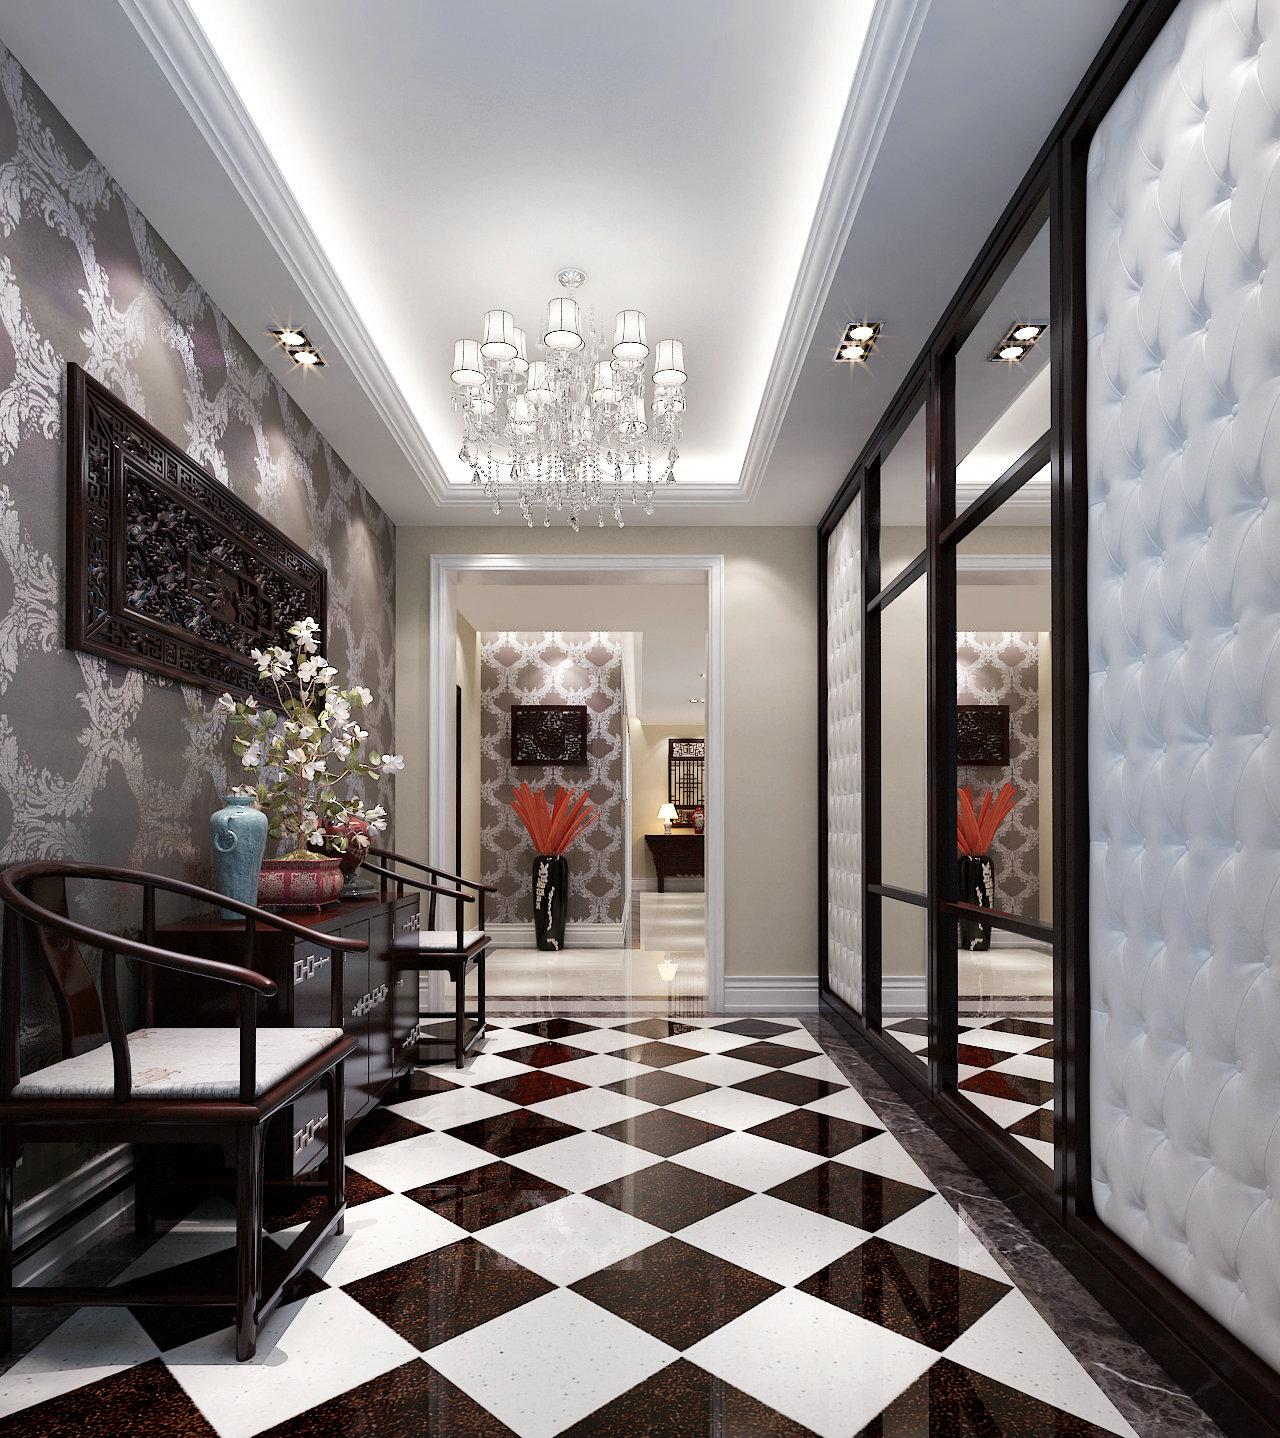 新中式 中西结合 别墅 装修案例 玄关图片来自实创装饰晶晶在600平混搭风势不可挡啊!的分享